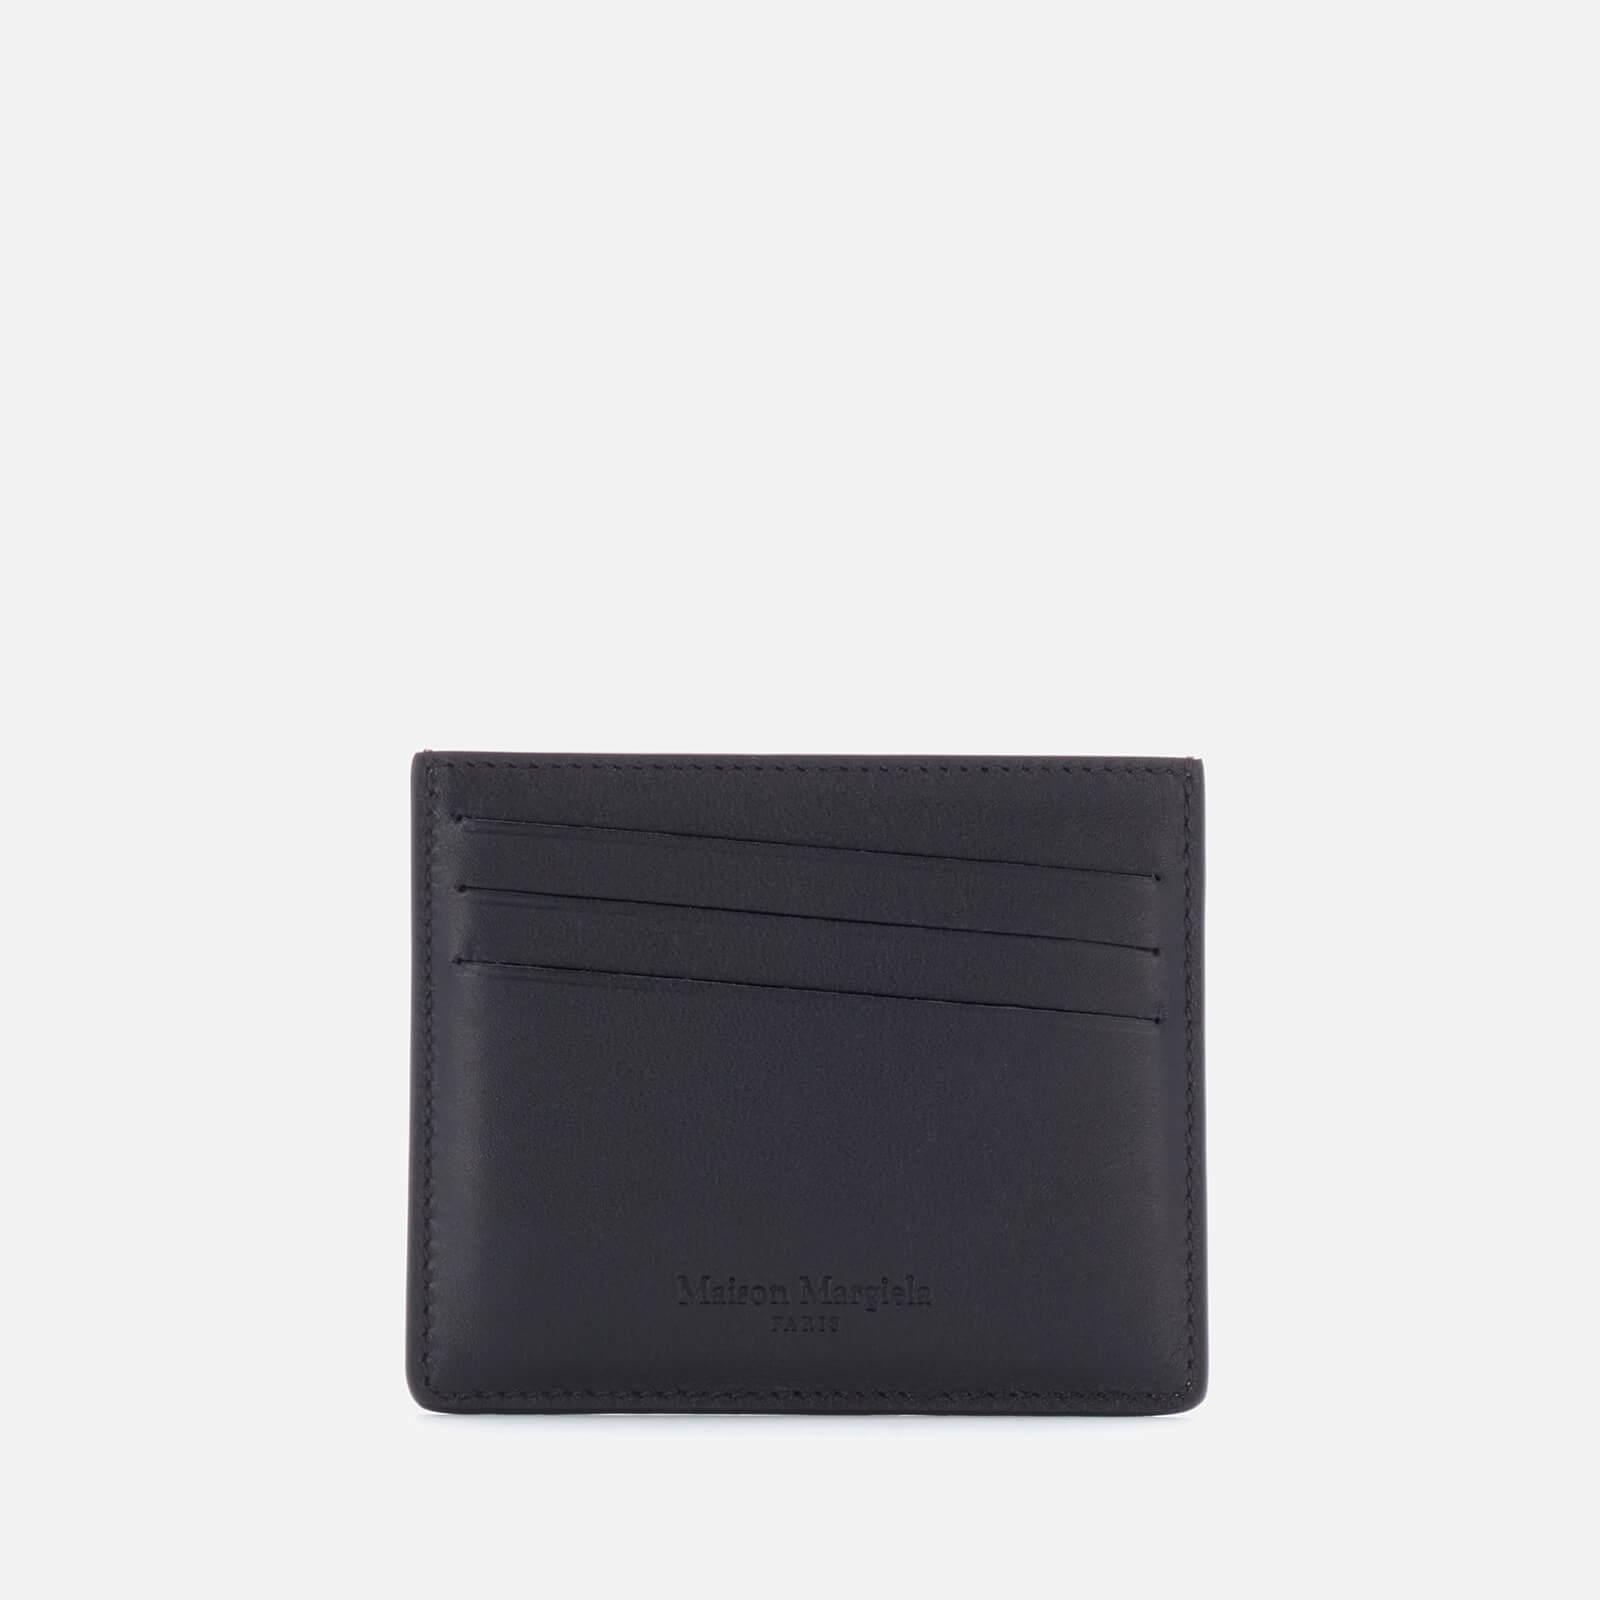 Maison Margiela Men's Leather Credit Card Case - Black